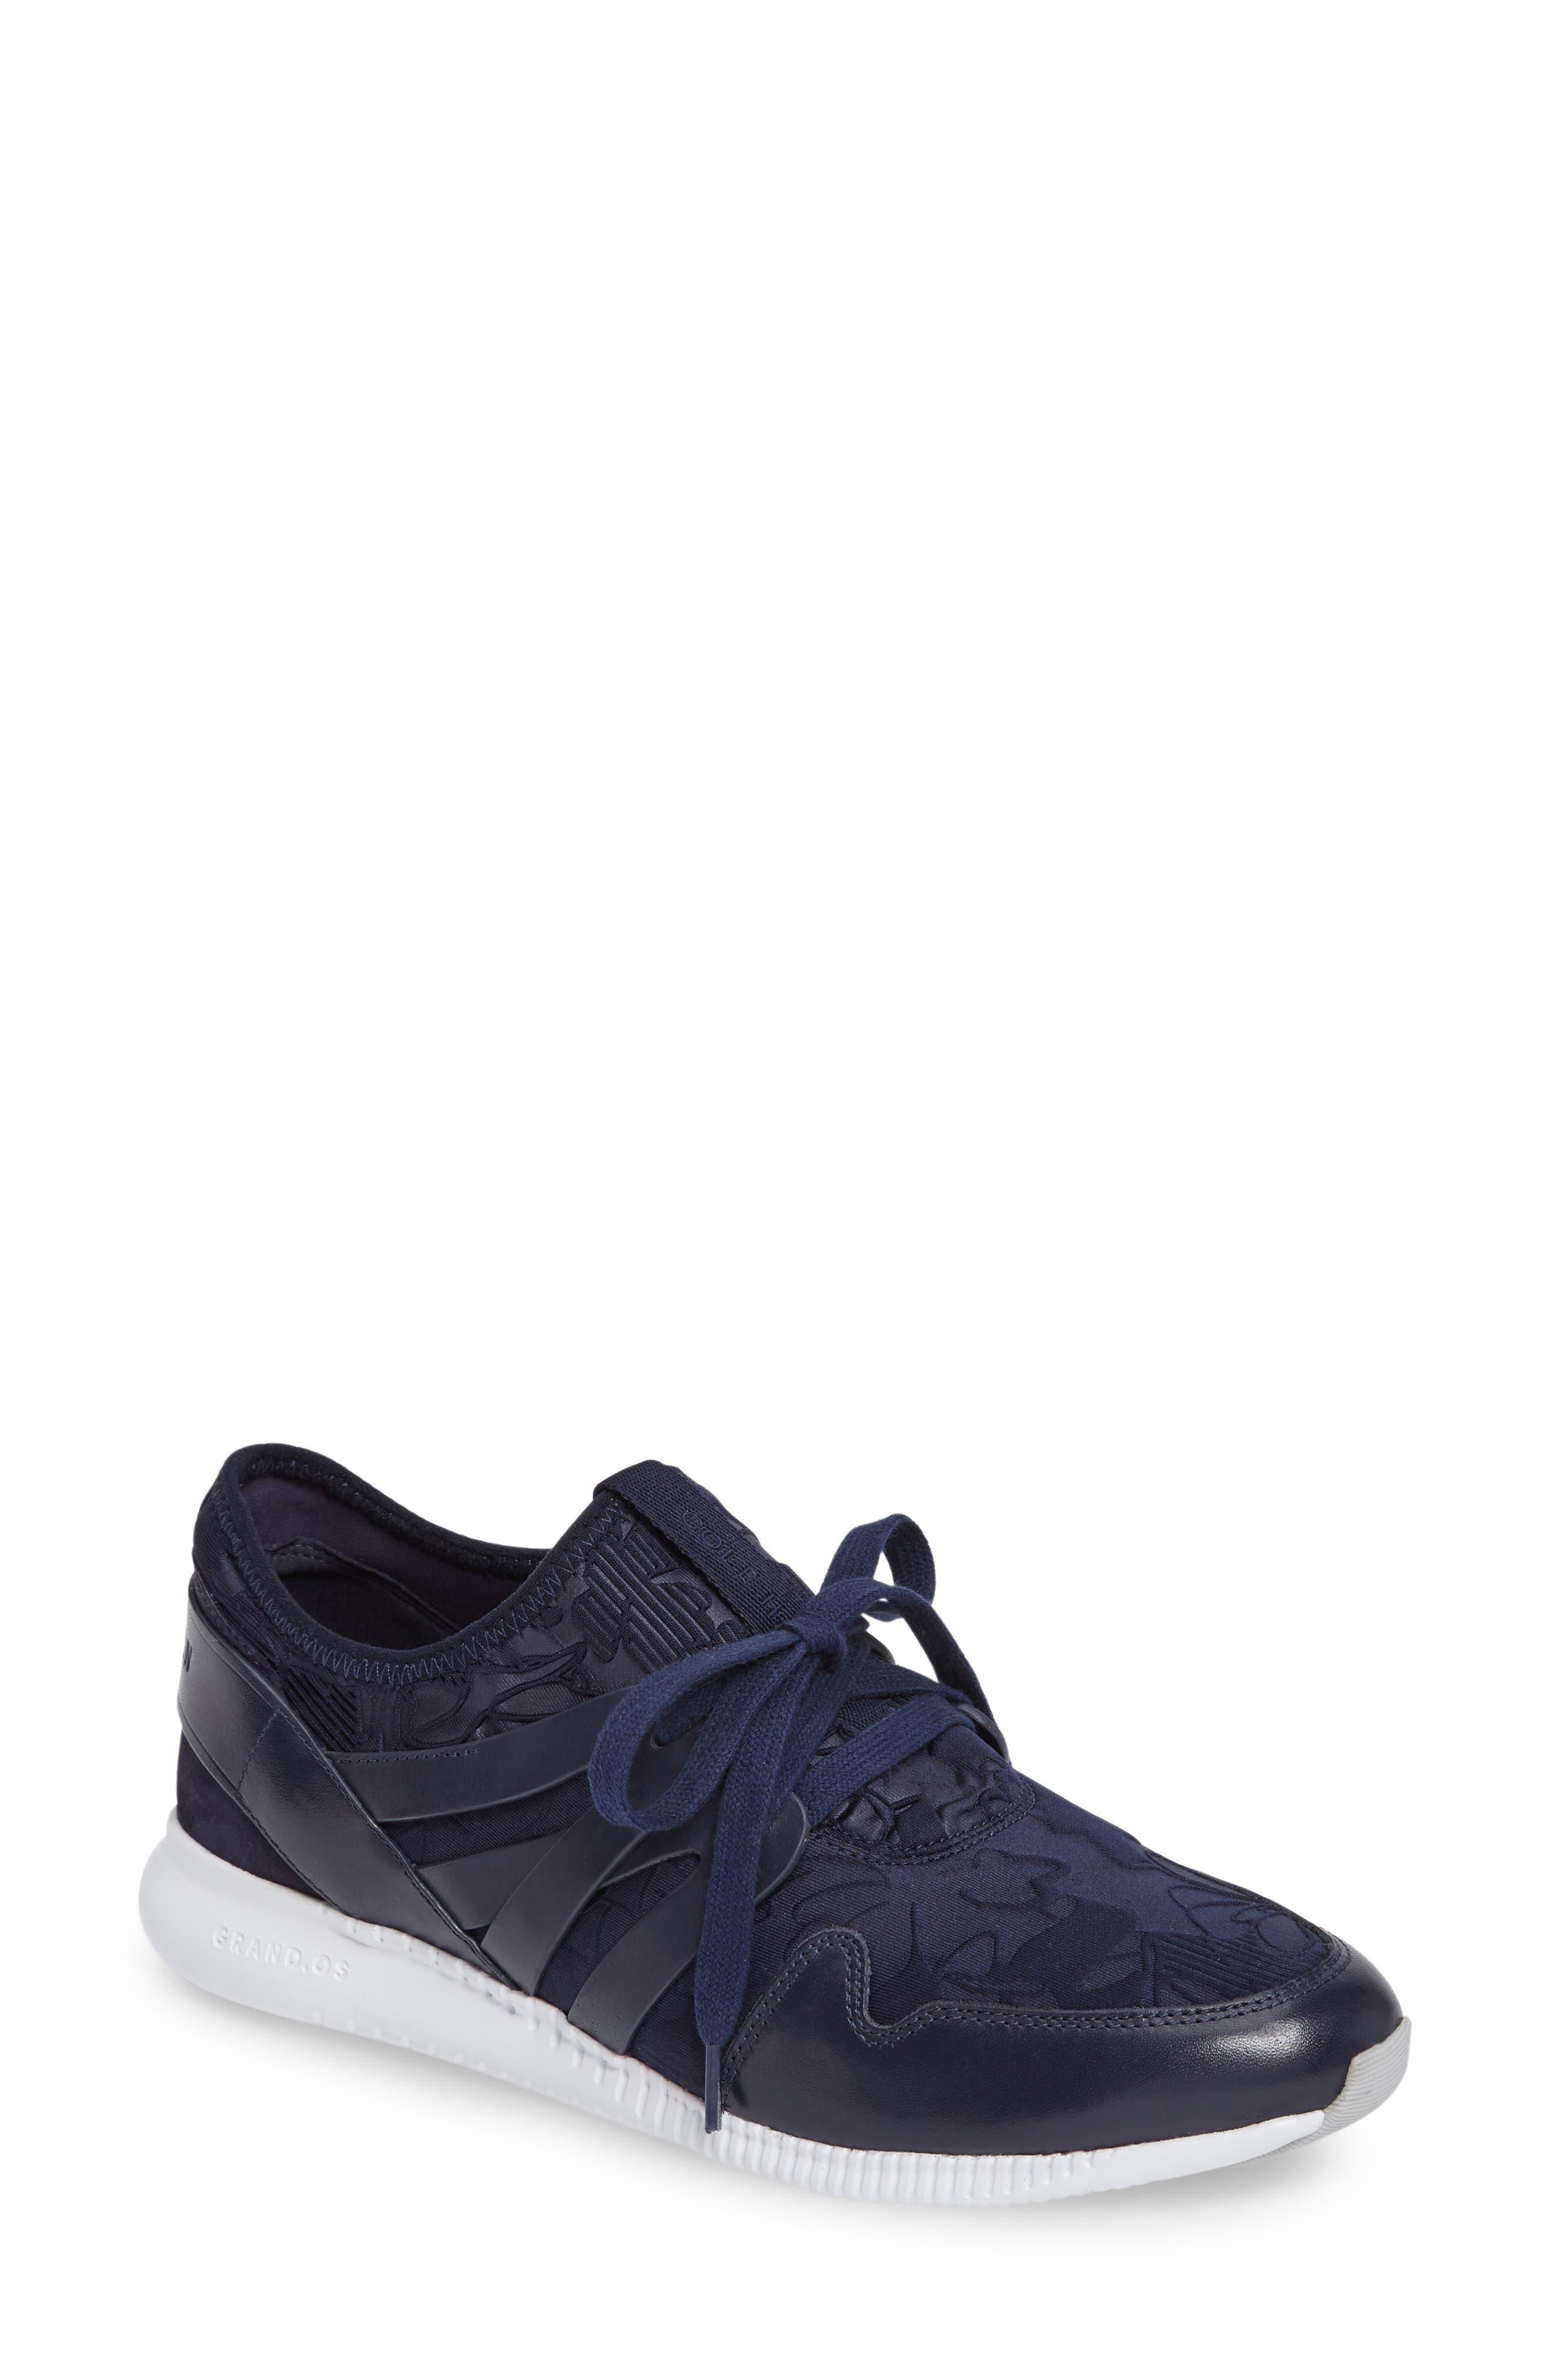 COLE HAAN 'StudioGrand' Sneaker